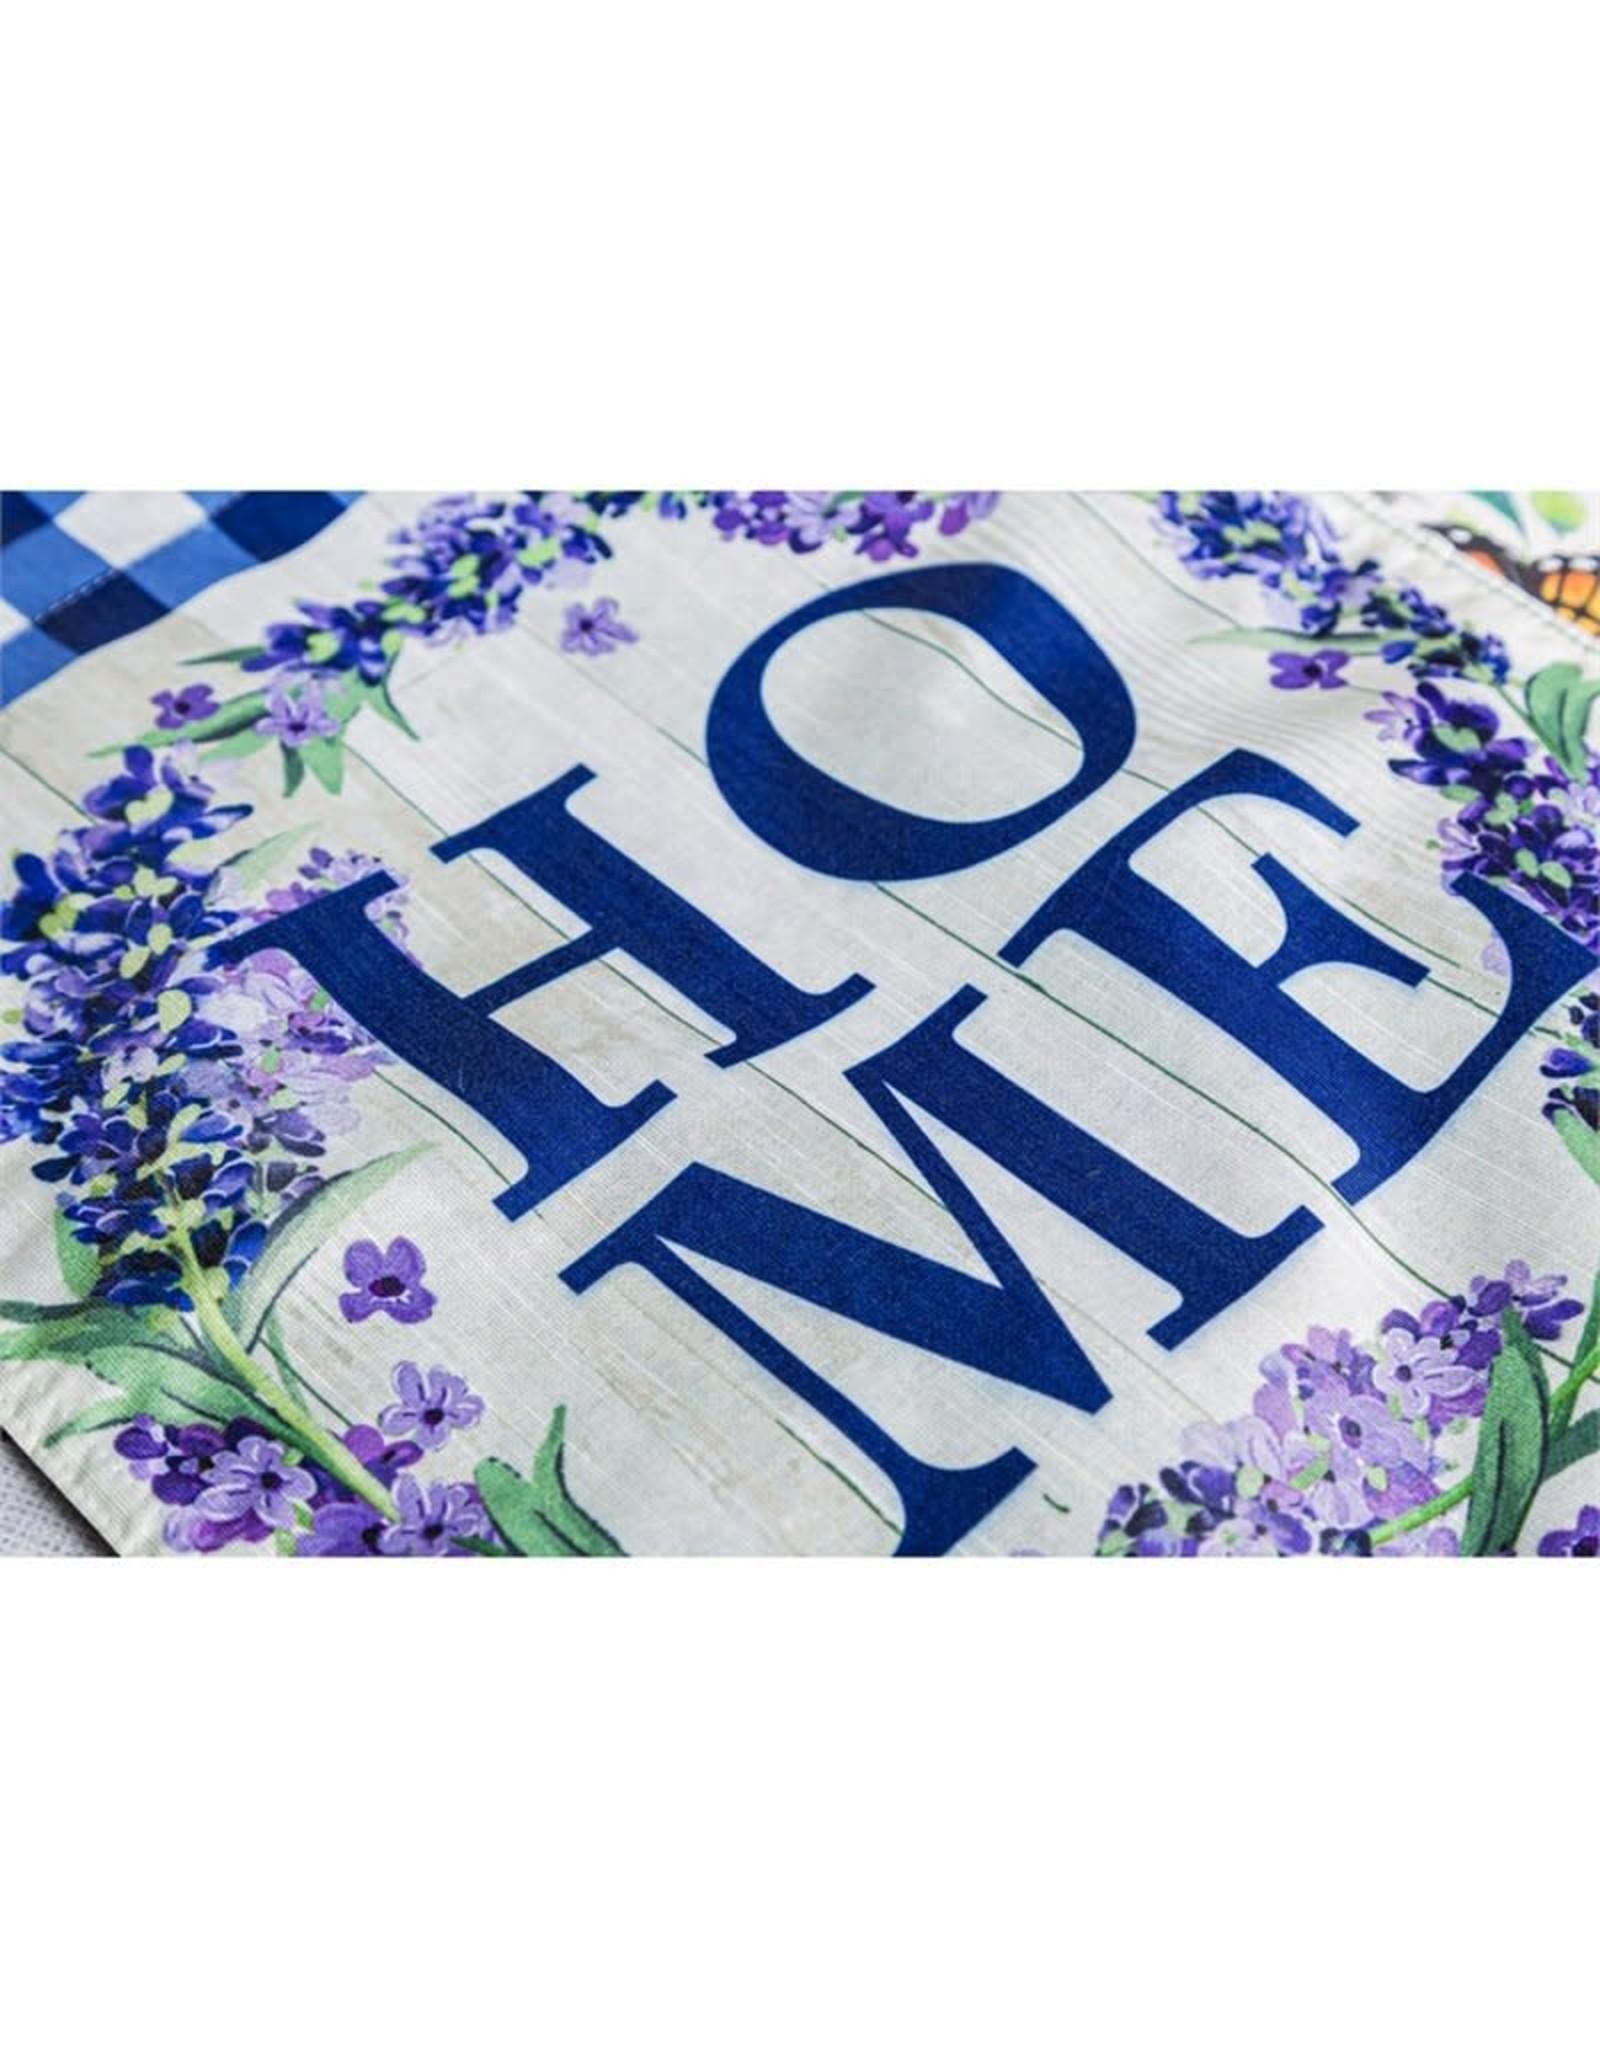 Evergreen Enterprises HOME Wreath Garden Strié Flag